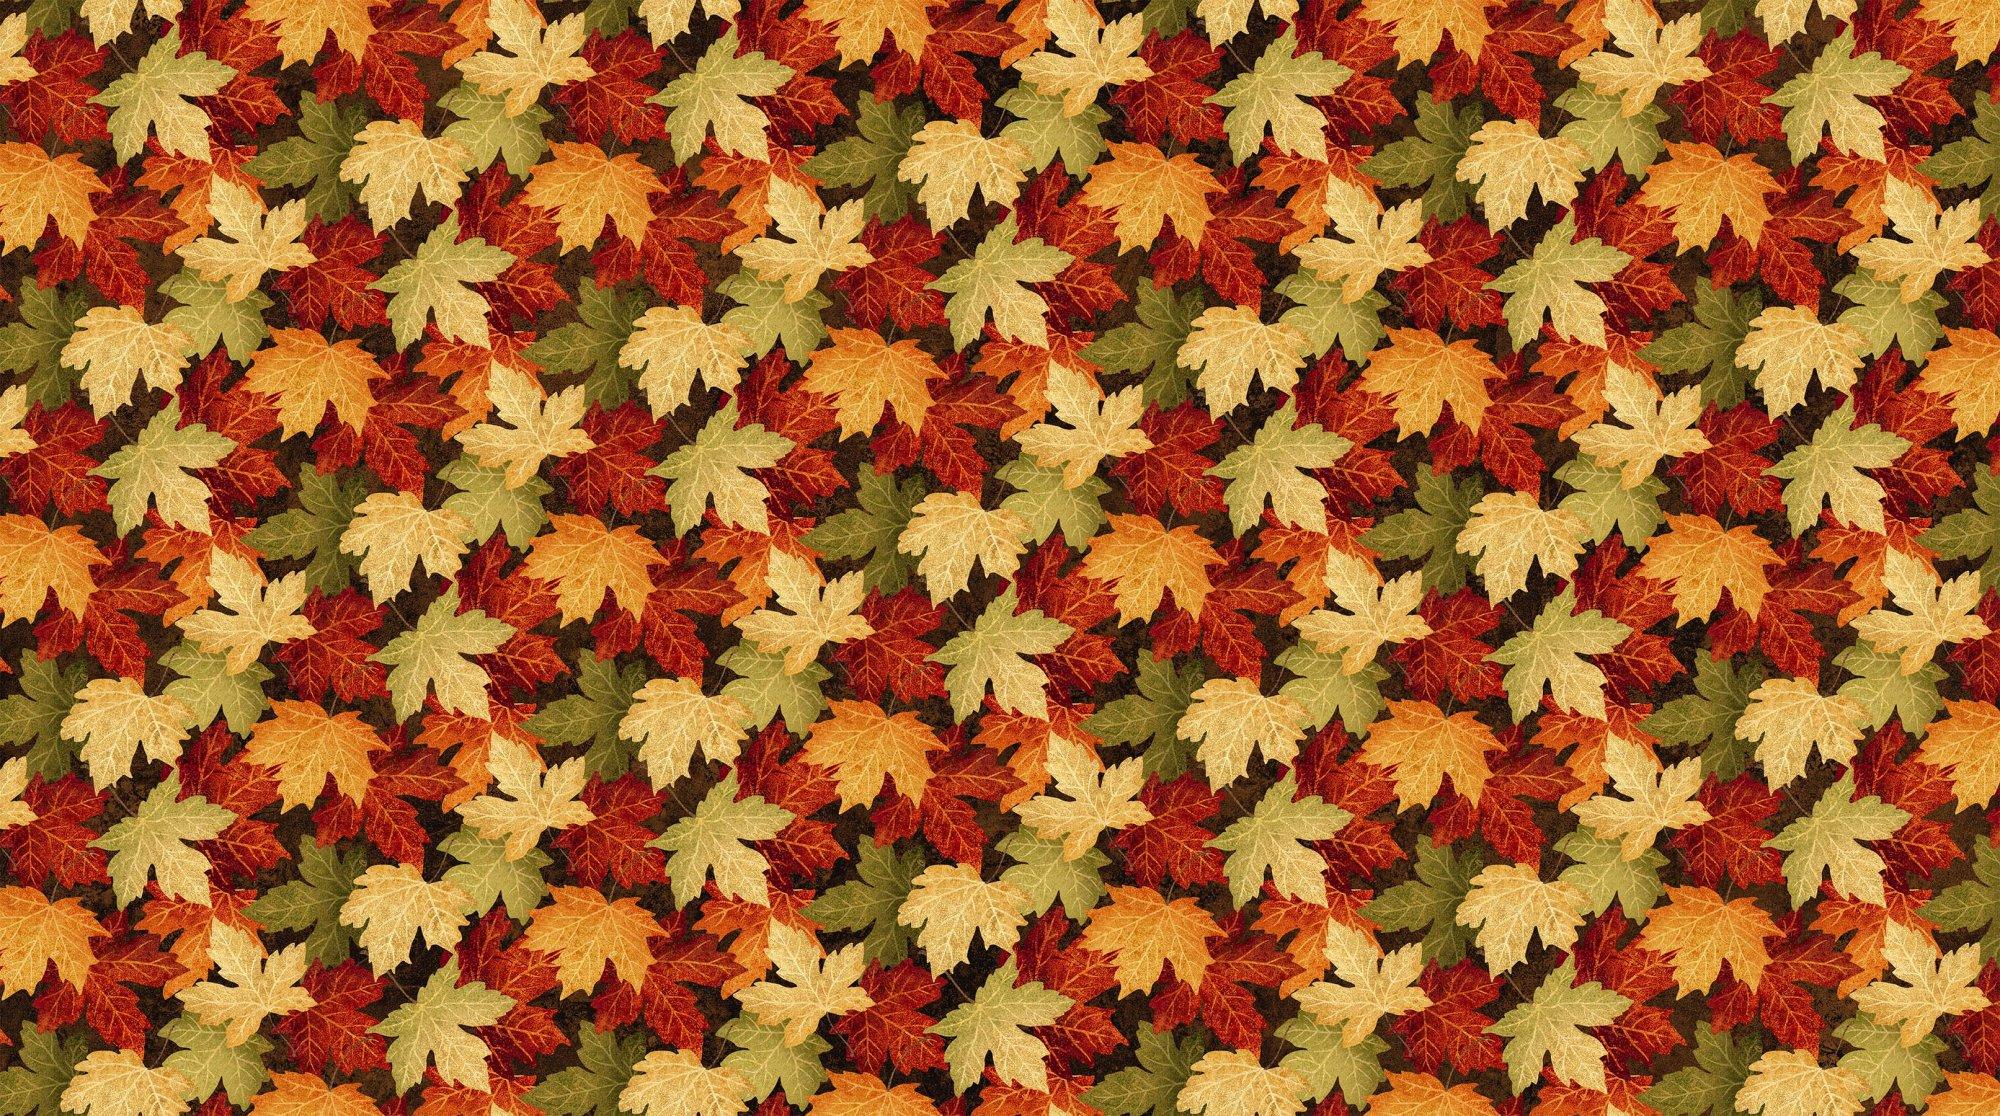 Maplewood Leaves Large